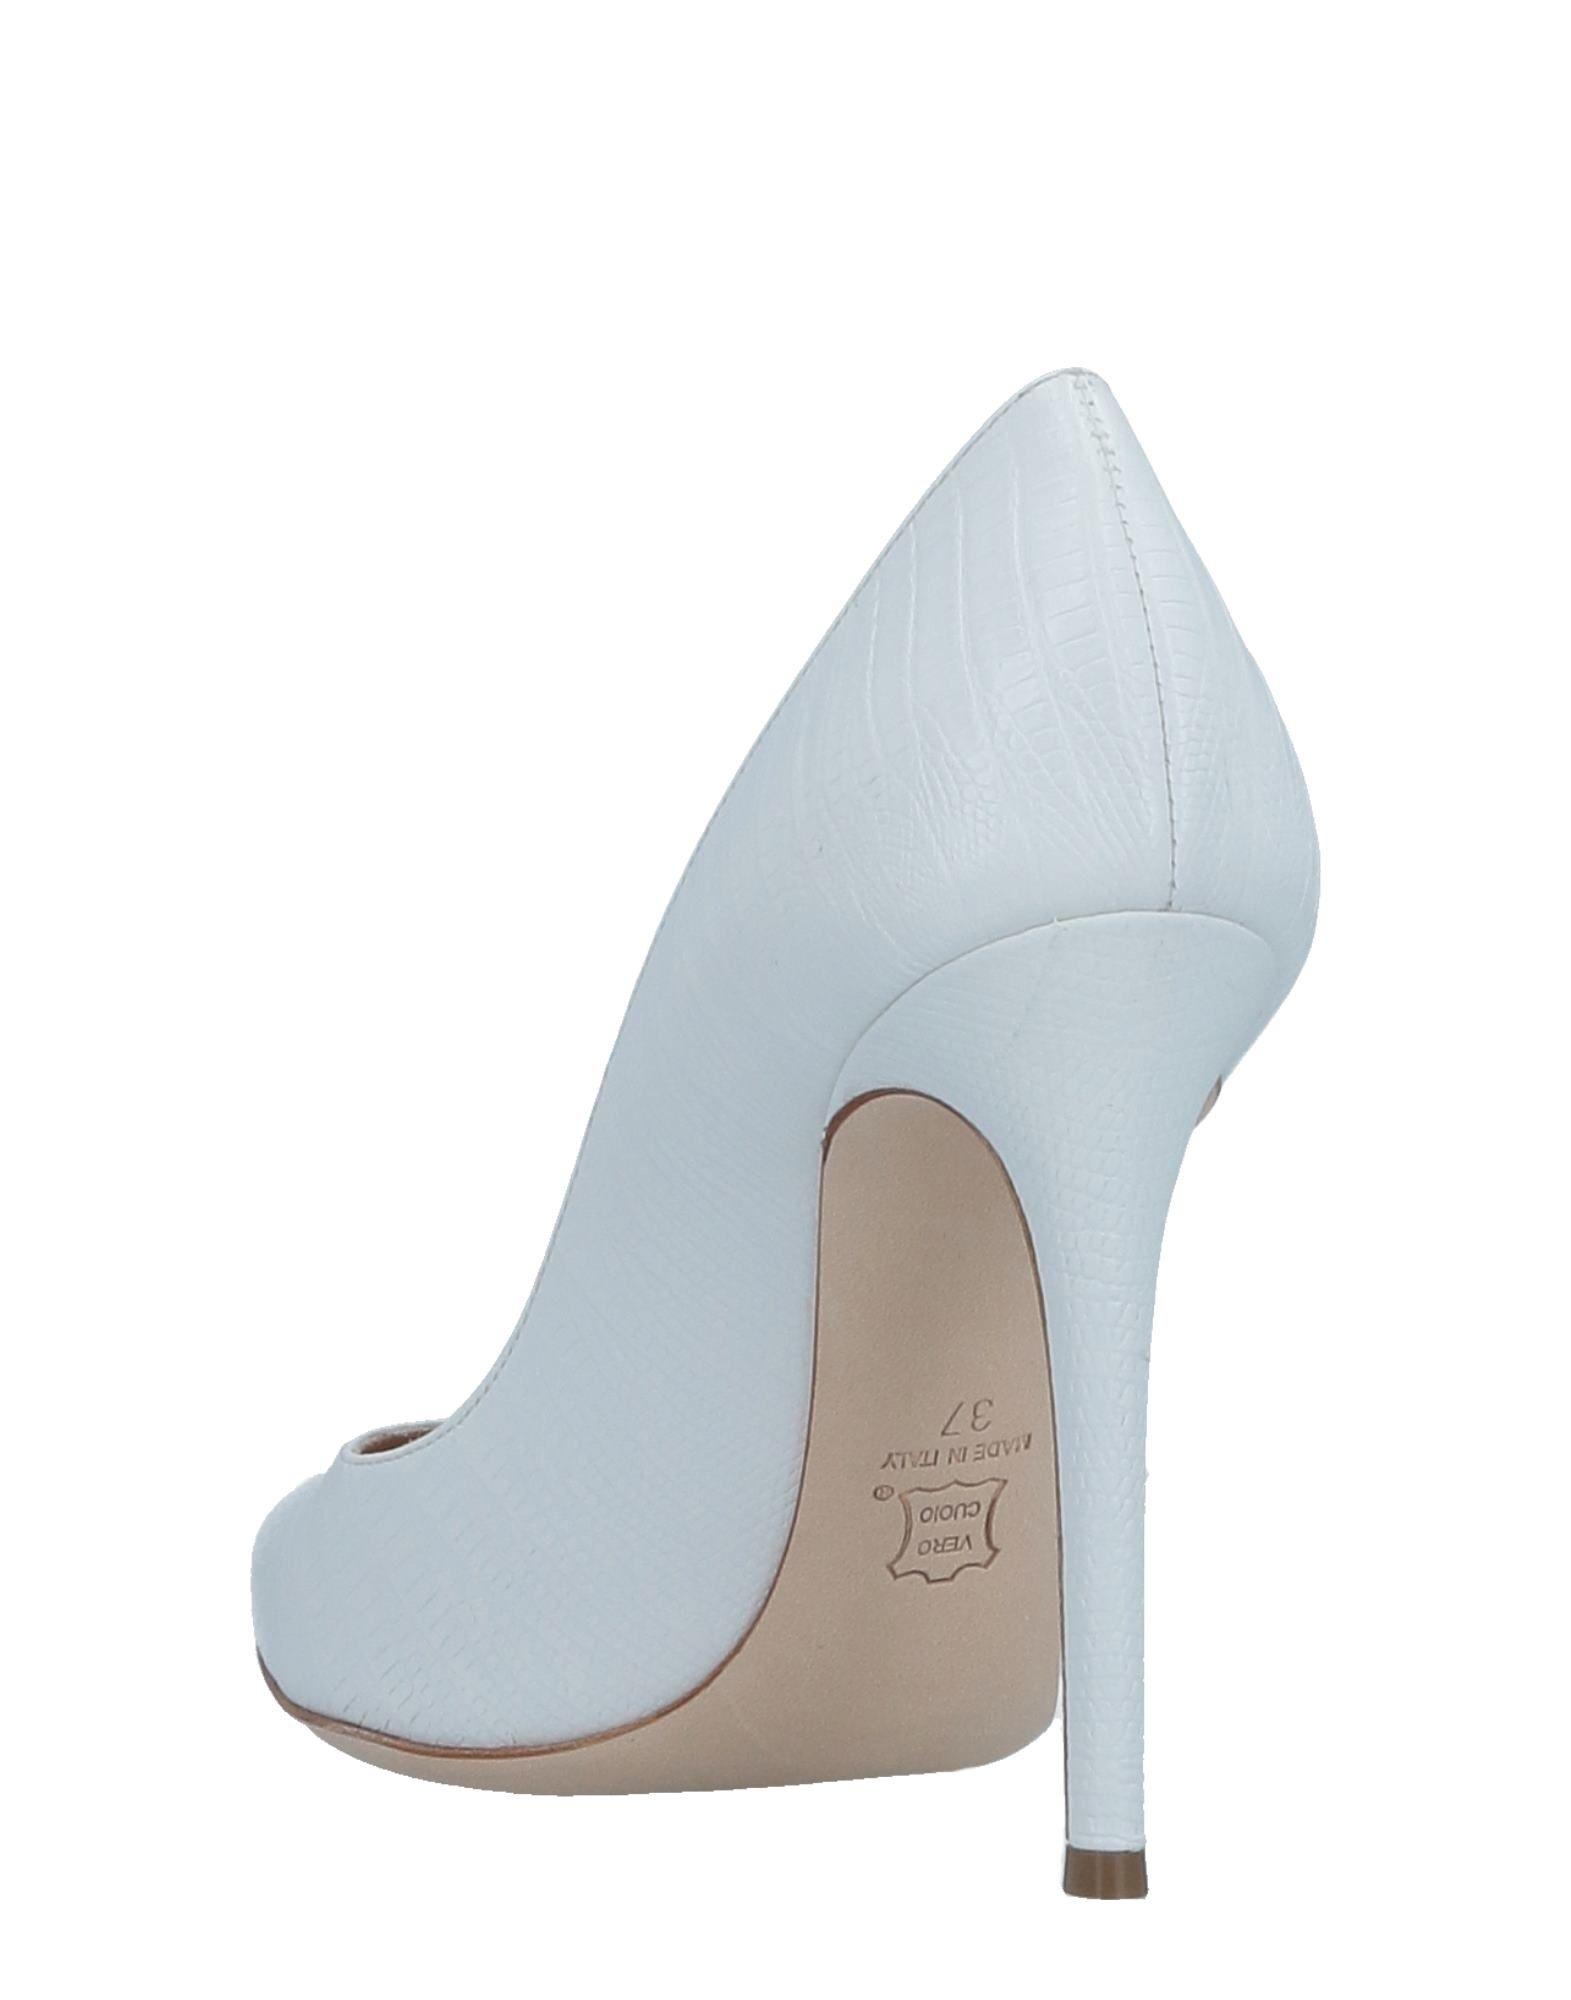 Rabatt Schuhe Lerre Pumps  Damen  Pumps 11508704UE 1f6481